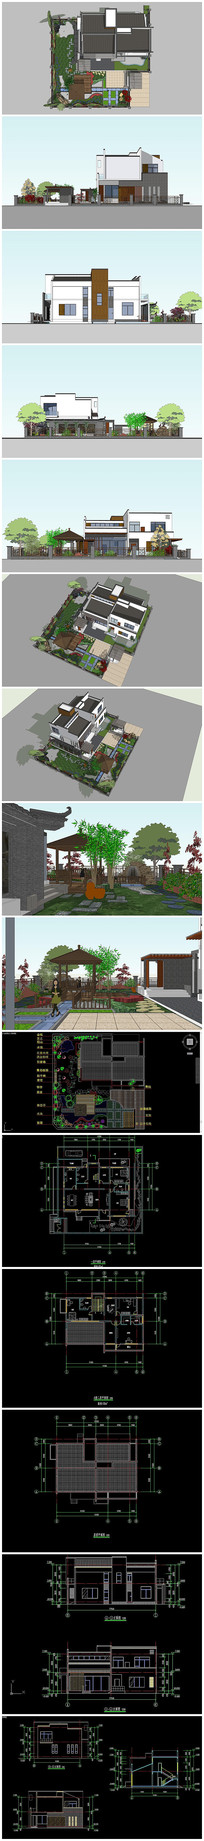 新农村别墅建筑设计方案模型和CAD施工图